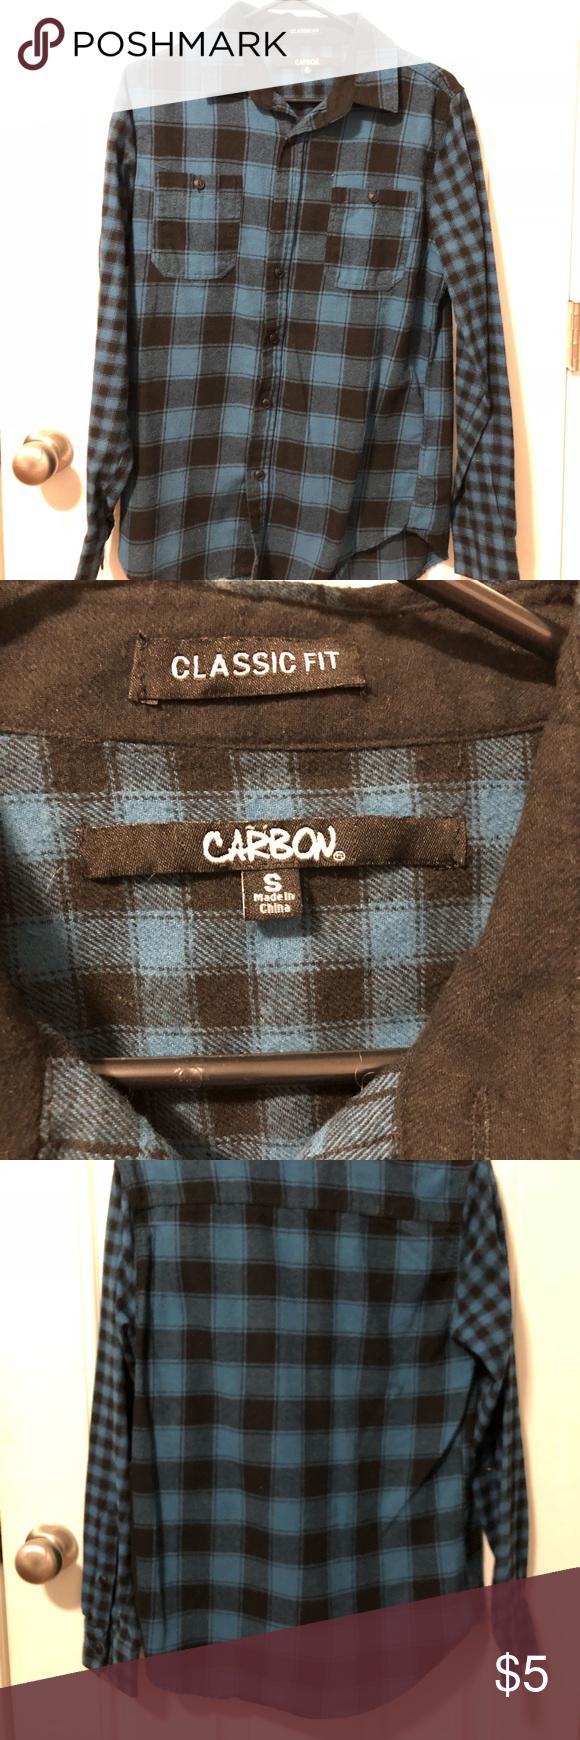 Flannel shirt black  Carbon black blue plaid flannel shirt menus small  Carbon black